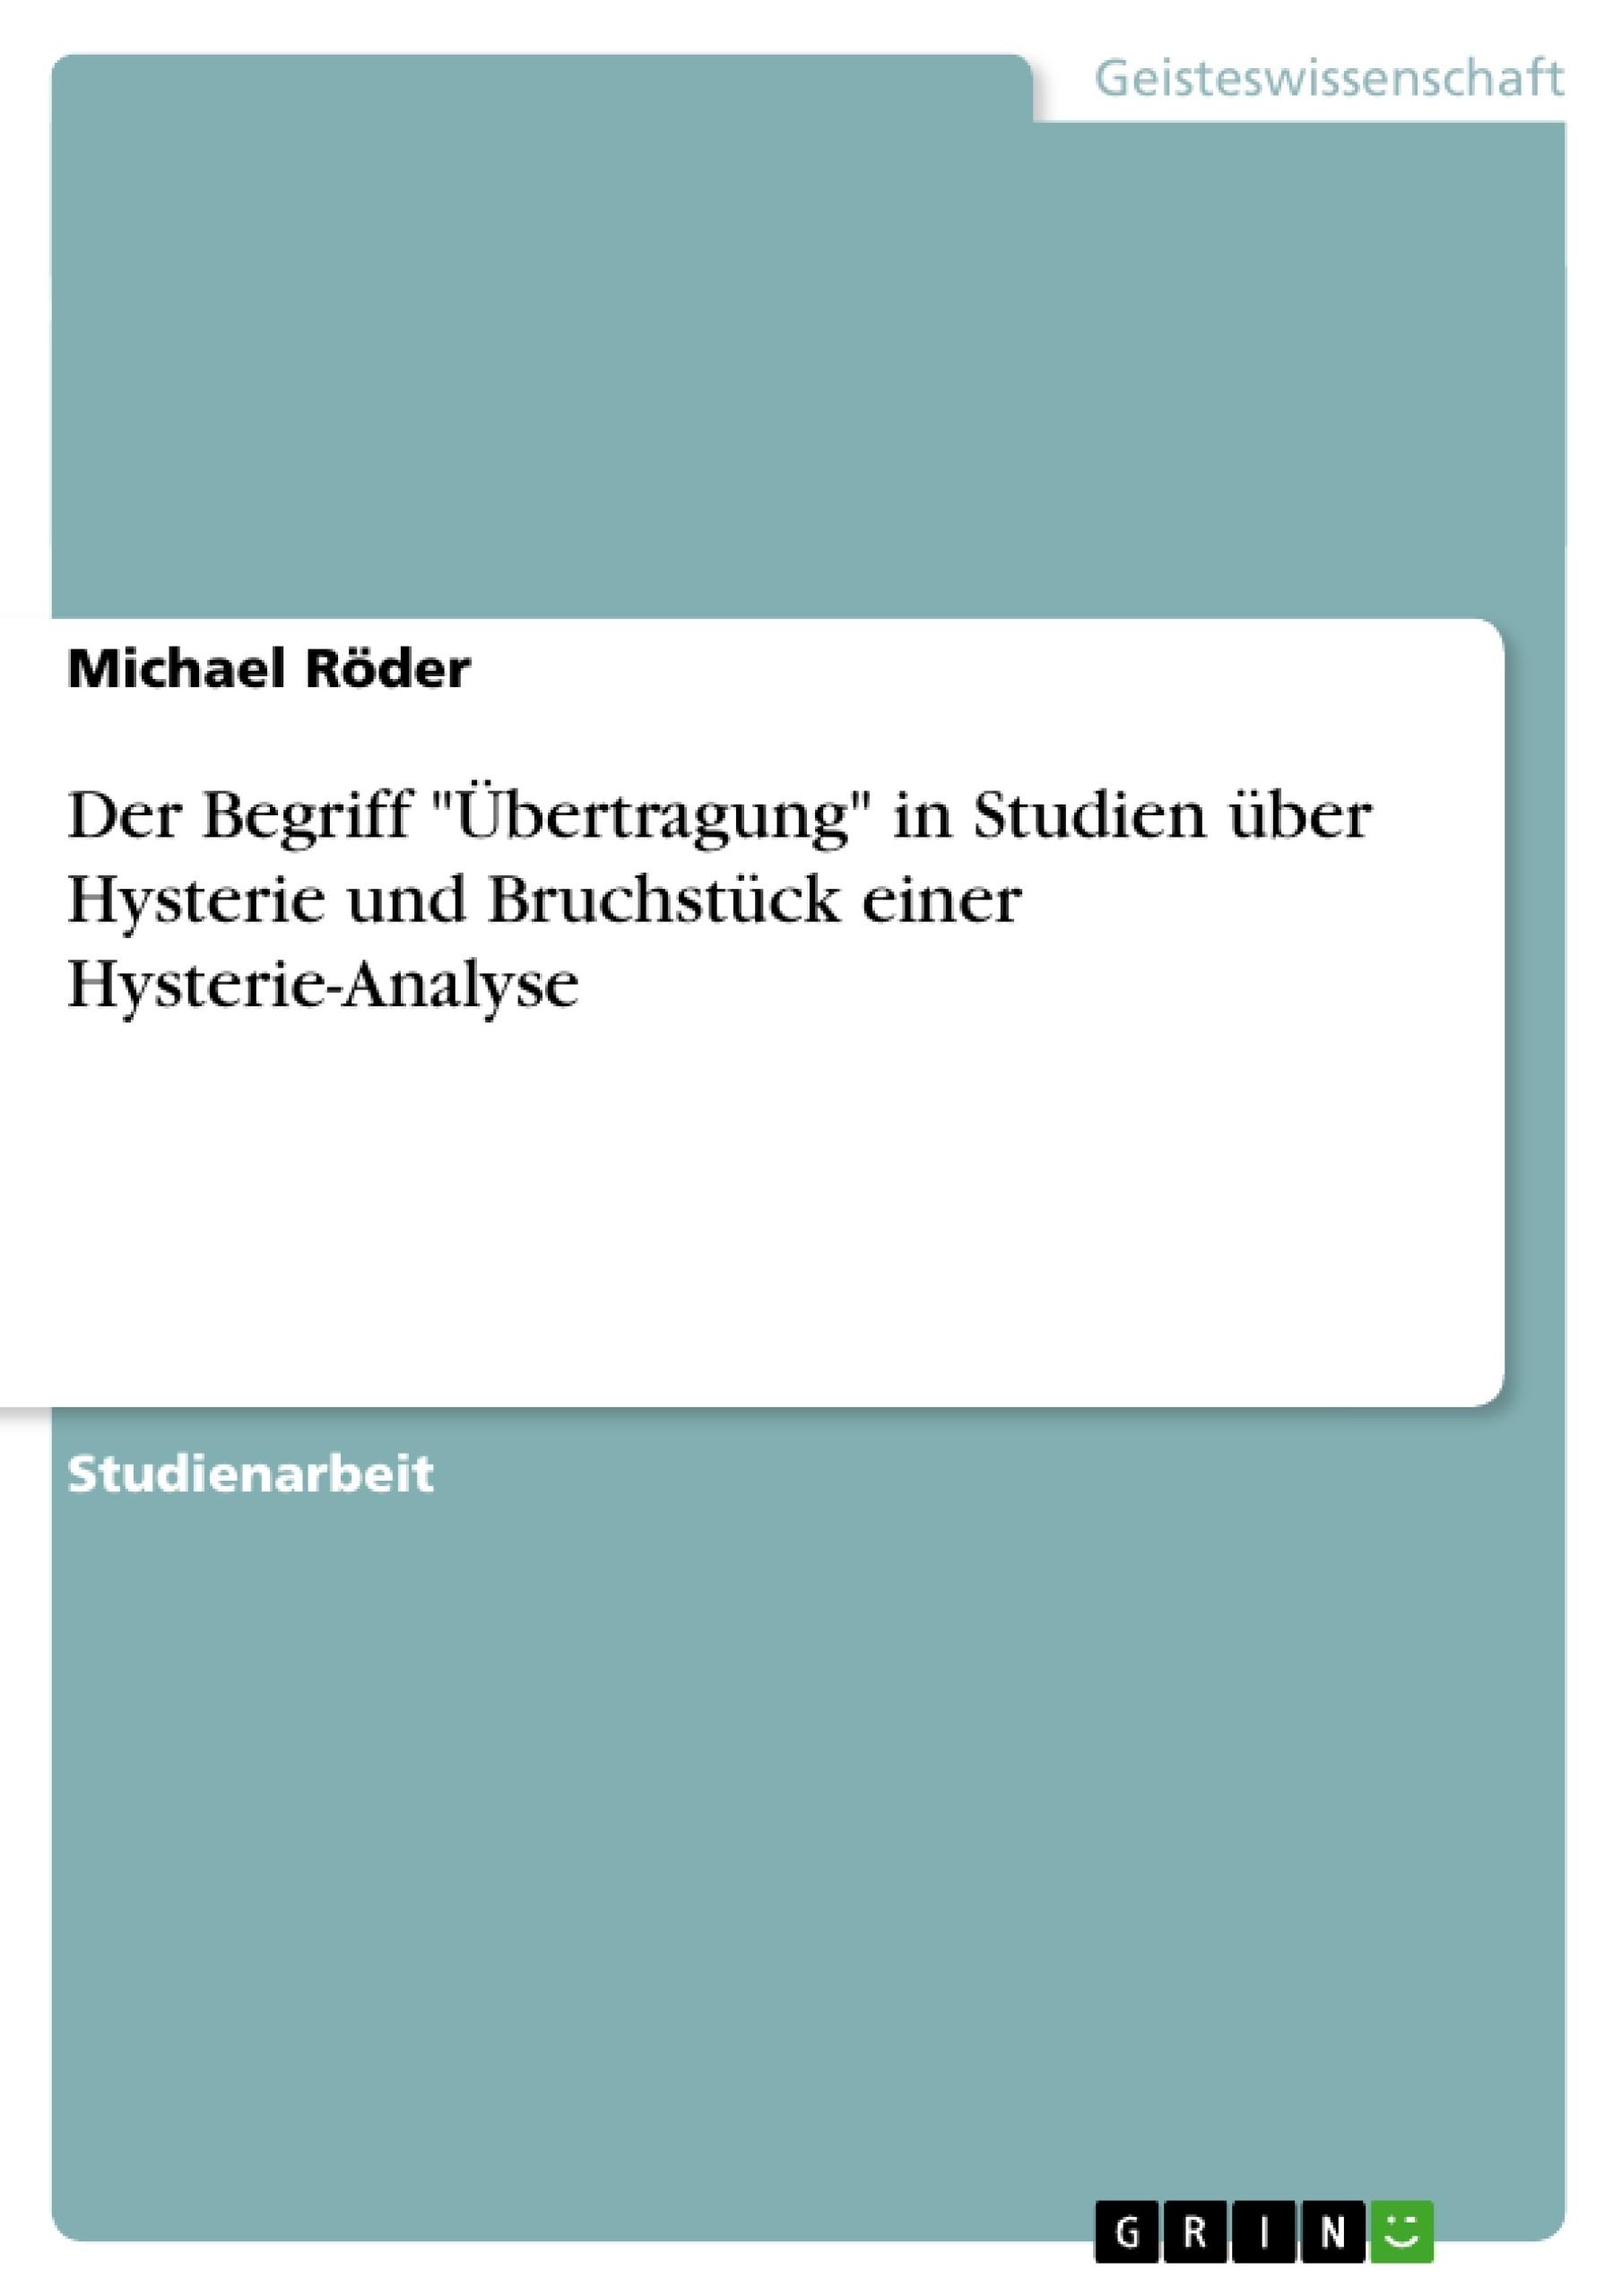 """Titel: Der Begriff """"Übertragung"""" in Studien über Hysterie und Bruchstück einer Hysterie-Analyse"""